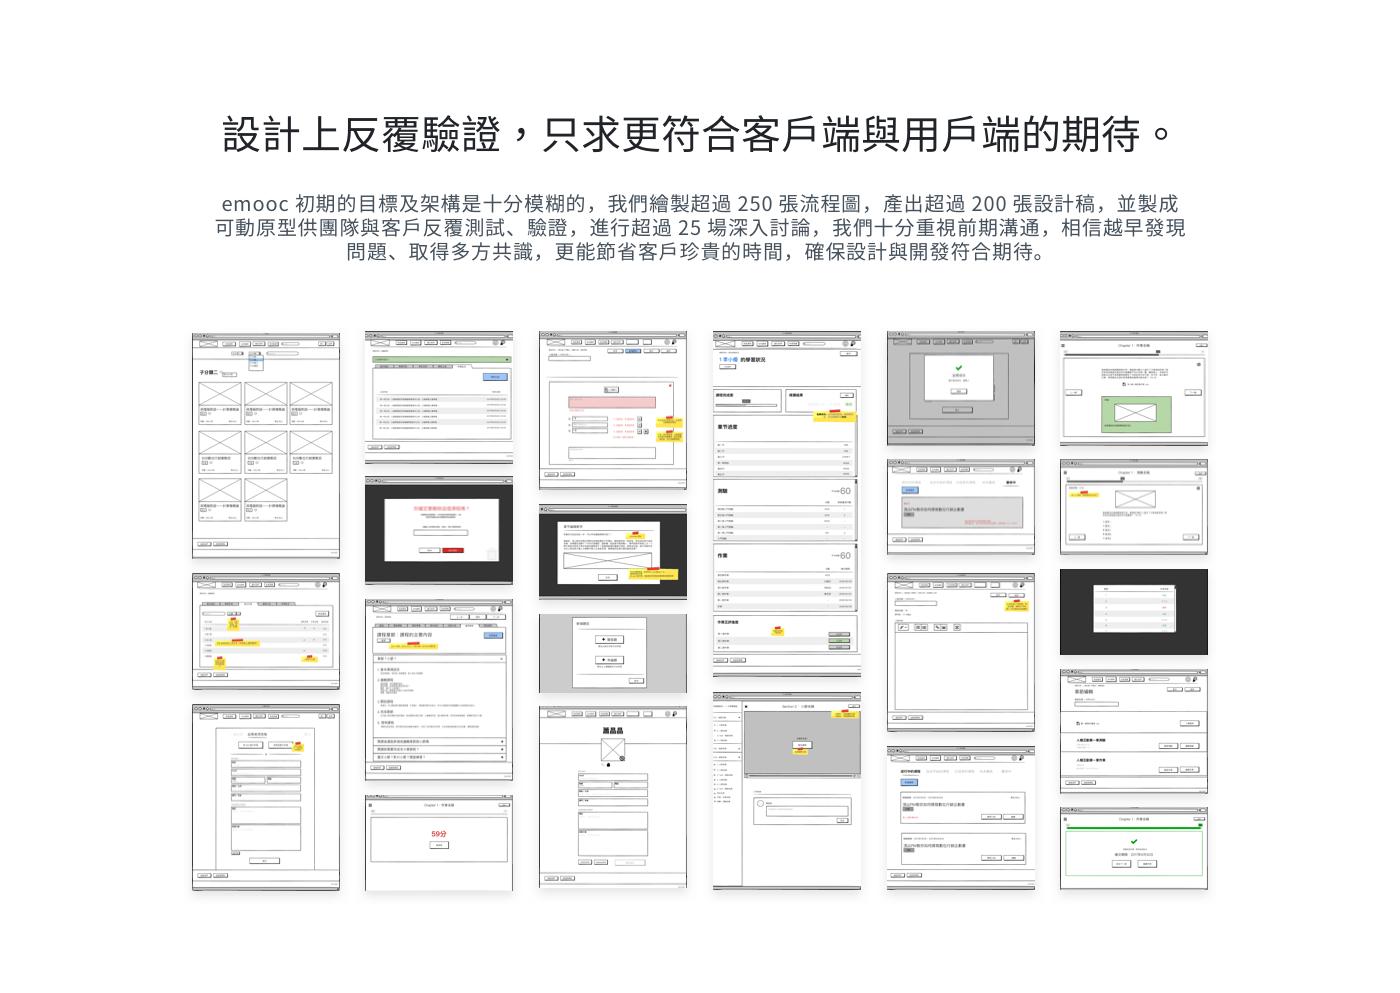 設計上反覆驗證,只求更符合客戶端與用戶端的期待。 emooc 初期的目標及架構是十分模糊的,我們繪製超過 250 張流程圖,產出超過 200 張設計稿,並製成可動原型供團隊與客戶反覆測試、驗證,進行超過 25 場深入討論,我們十分重視前期溝通,相信越早發現問題、取得多方共識,更能節省客戶珍貴的時間,確保設計與開發符合期待。